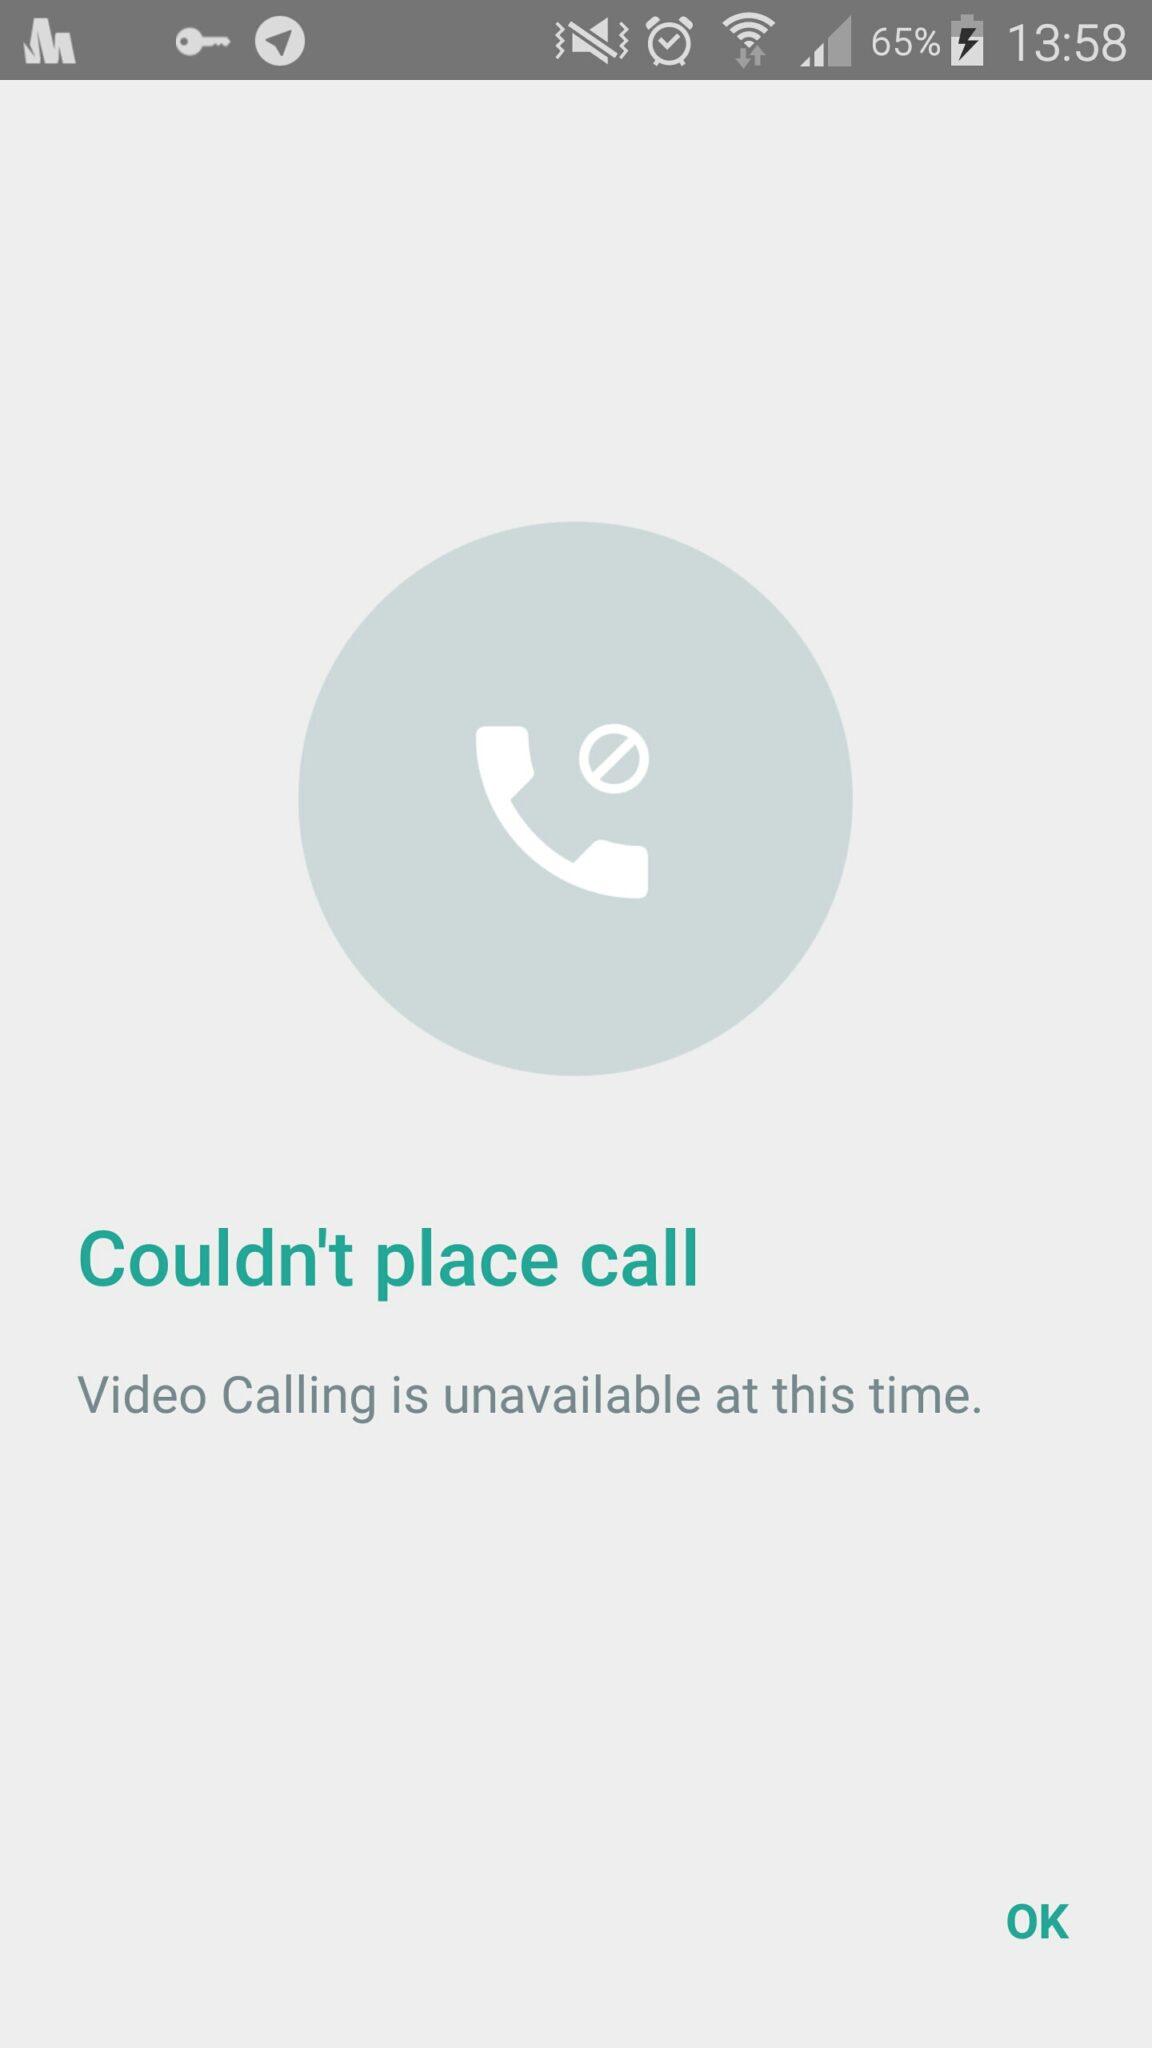 رسميا: واتس اب تدعم المكالمات المرئية في نسخة تجريبية على أندرويد